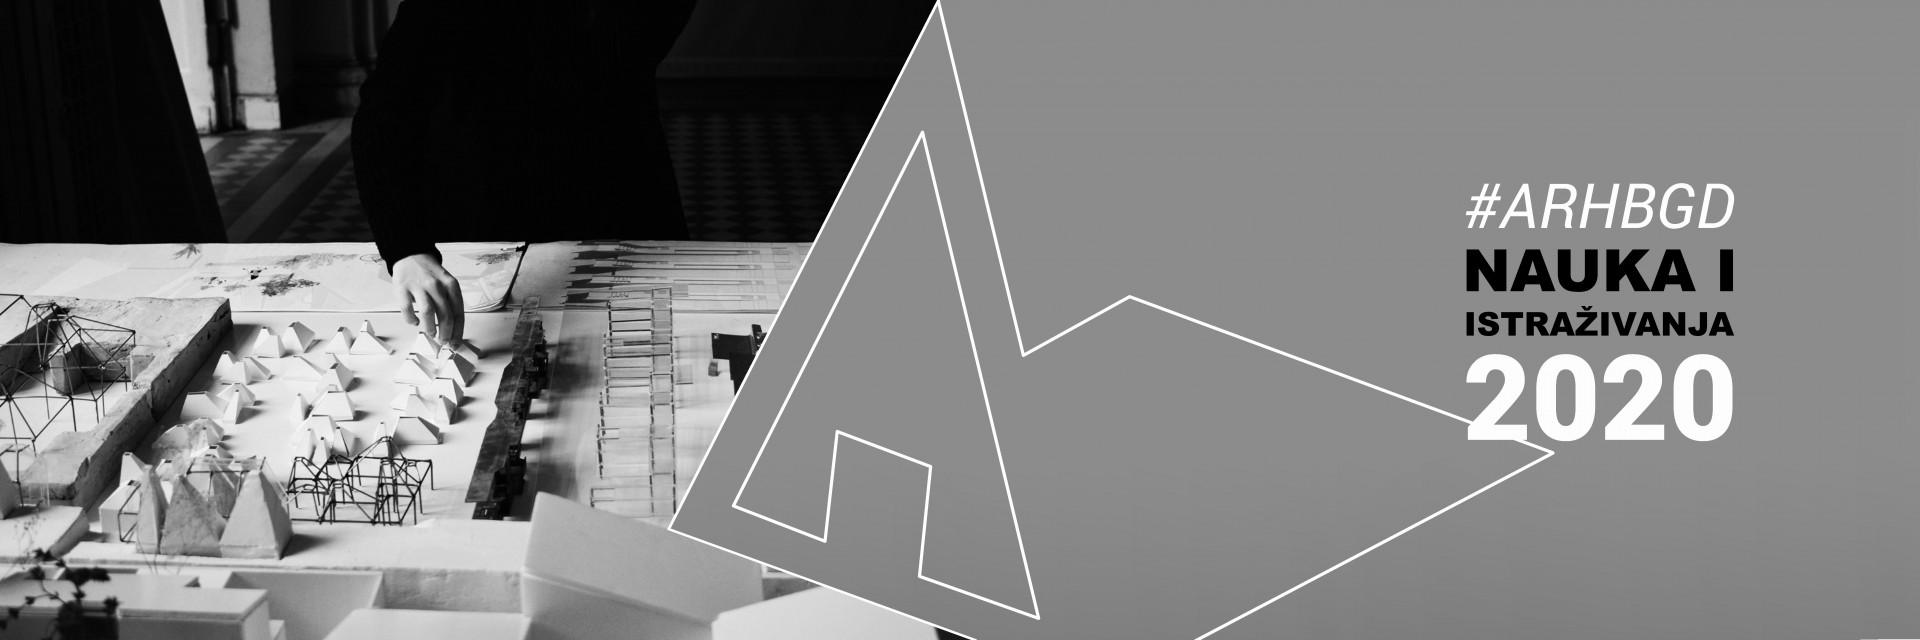 Научноистраживачка делатност на УБ-АФ у 2020. години и покретање истраживачких лабораторија